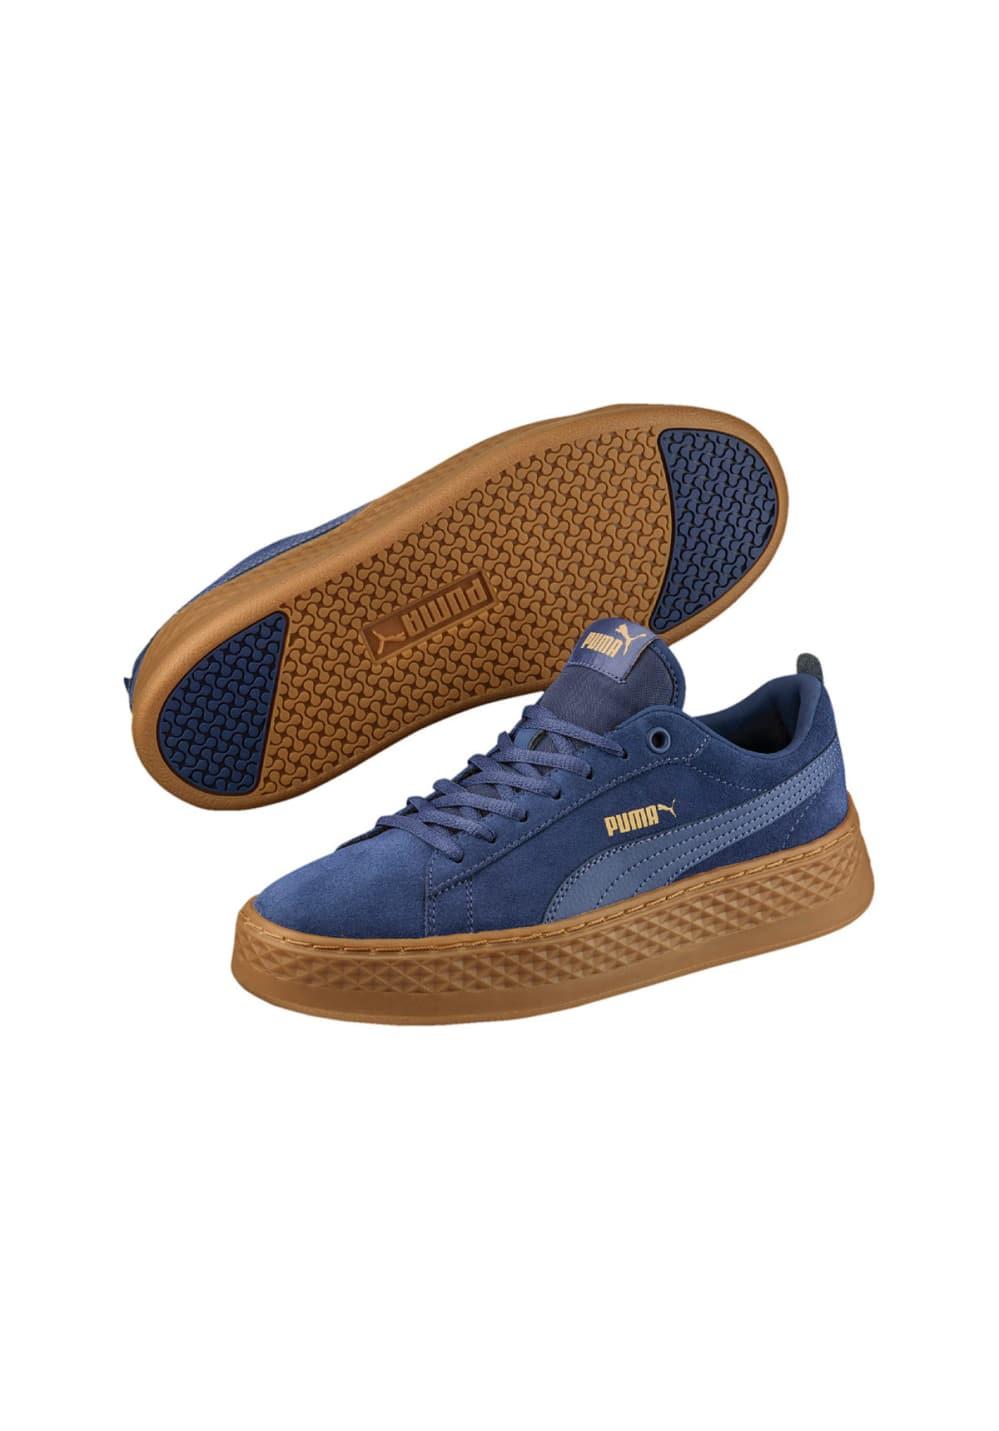 Puma Smash Platform Sd - Sneaker für Damen - Blau